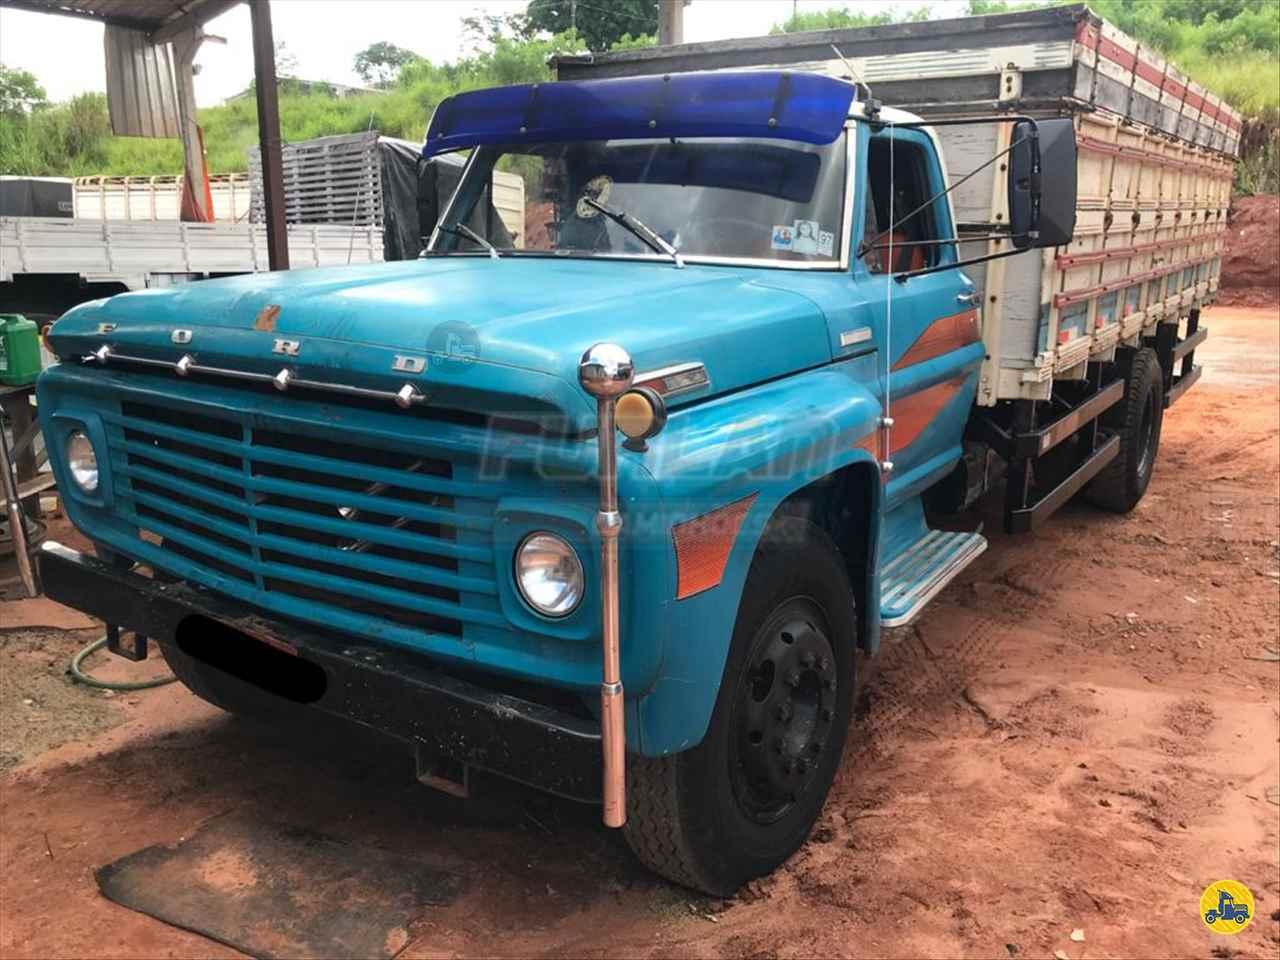 CAMINHAO FORD F750 Graneleiro Toco 4x2 Furlan Caminhões UMUARAMA PARANÁ PR